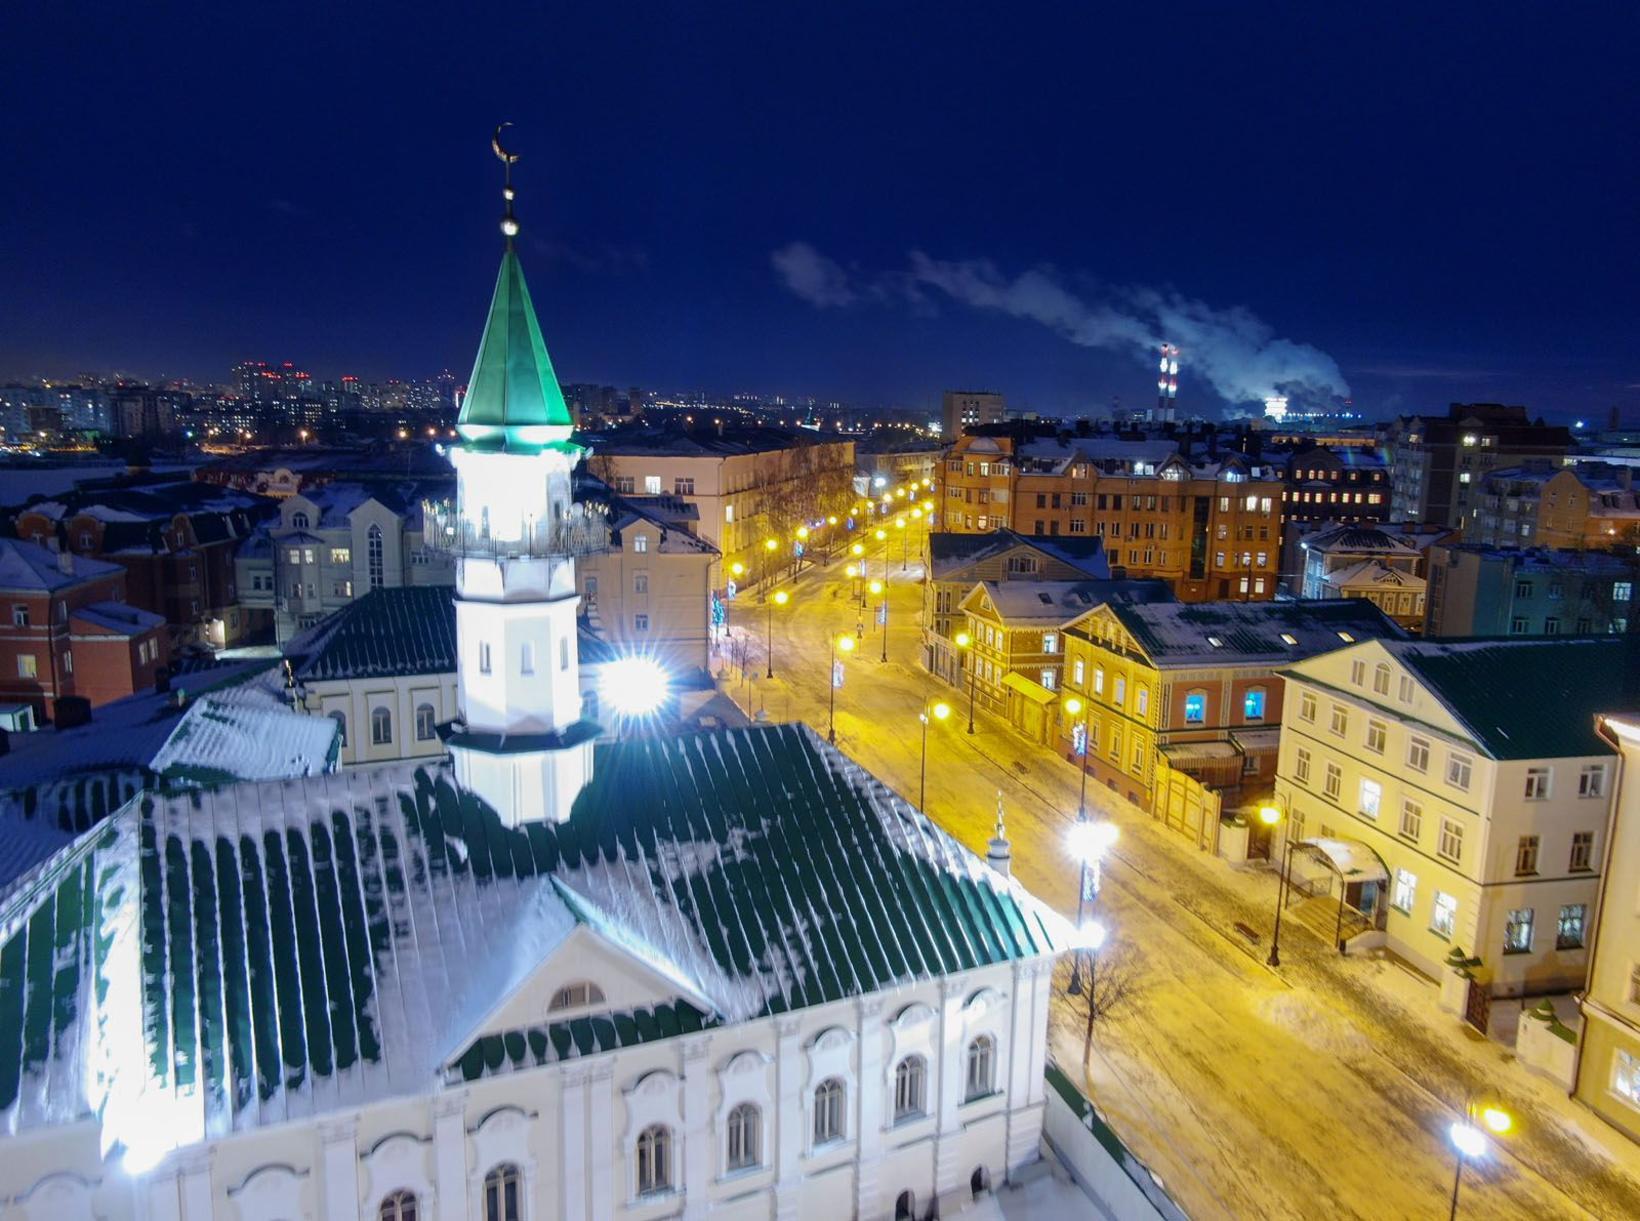 Vetrarleikar Special Olympics munu fara fram í Kazan í Rússlandi …